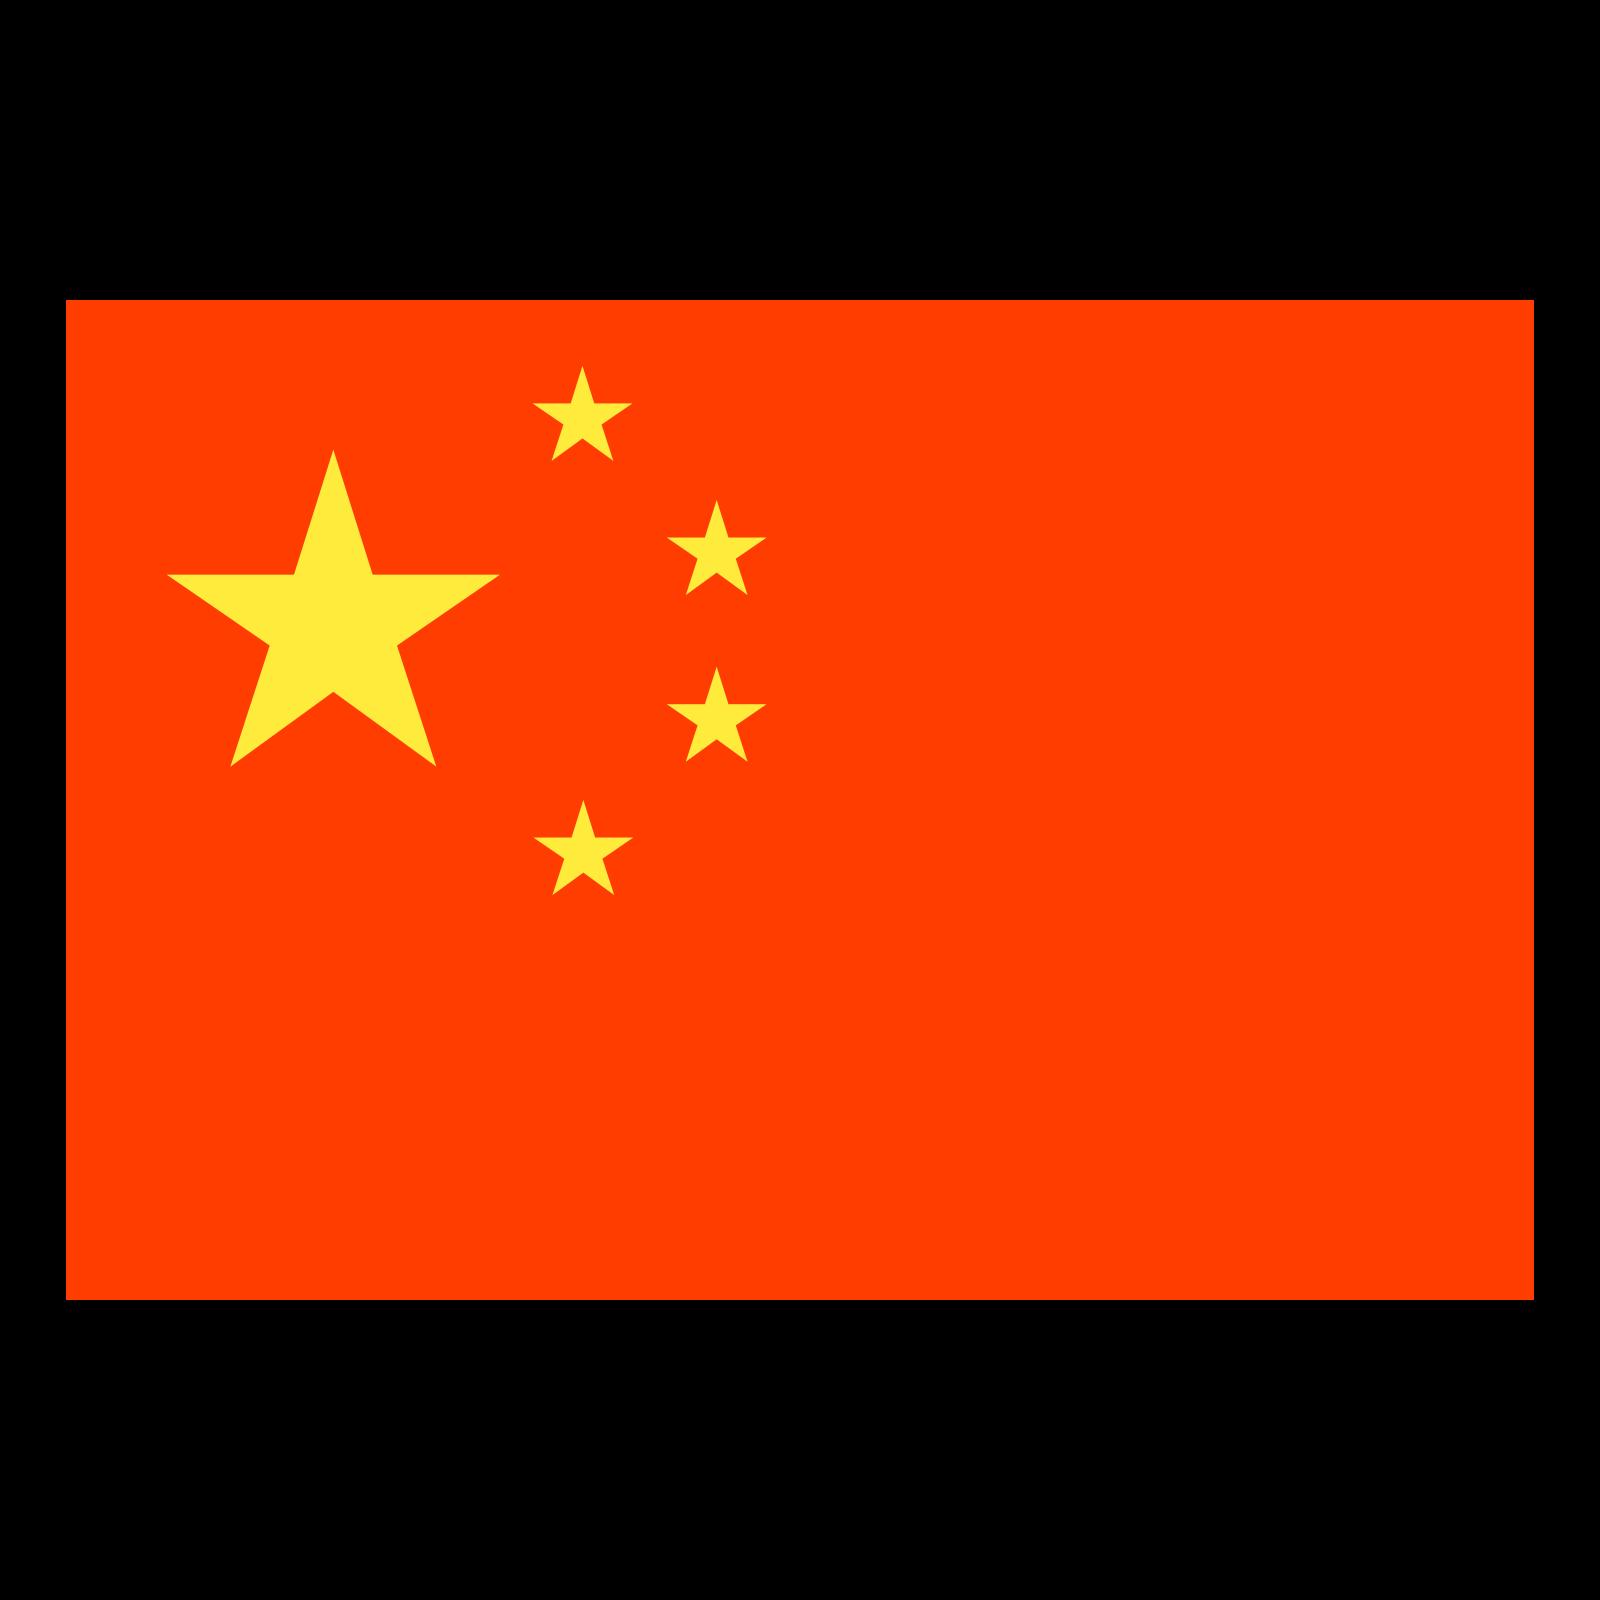 中国 icon